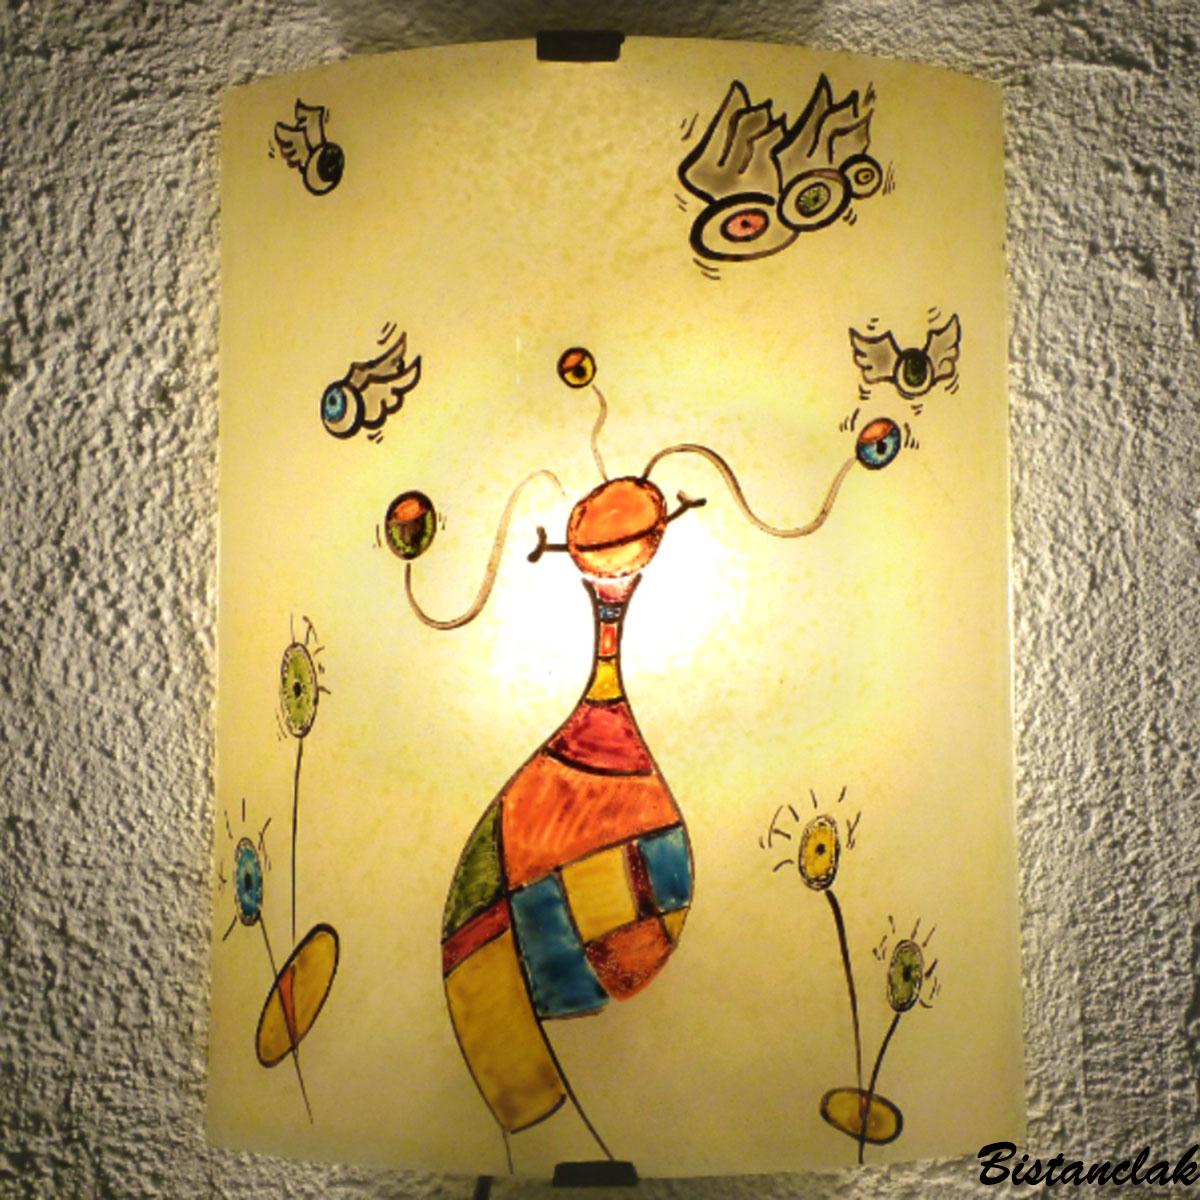 applique en verre au motif fantaisie tendance street art